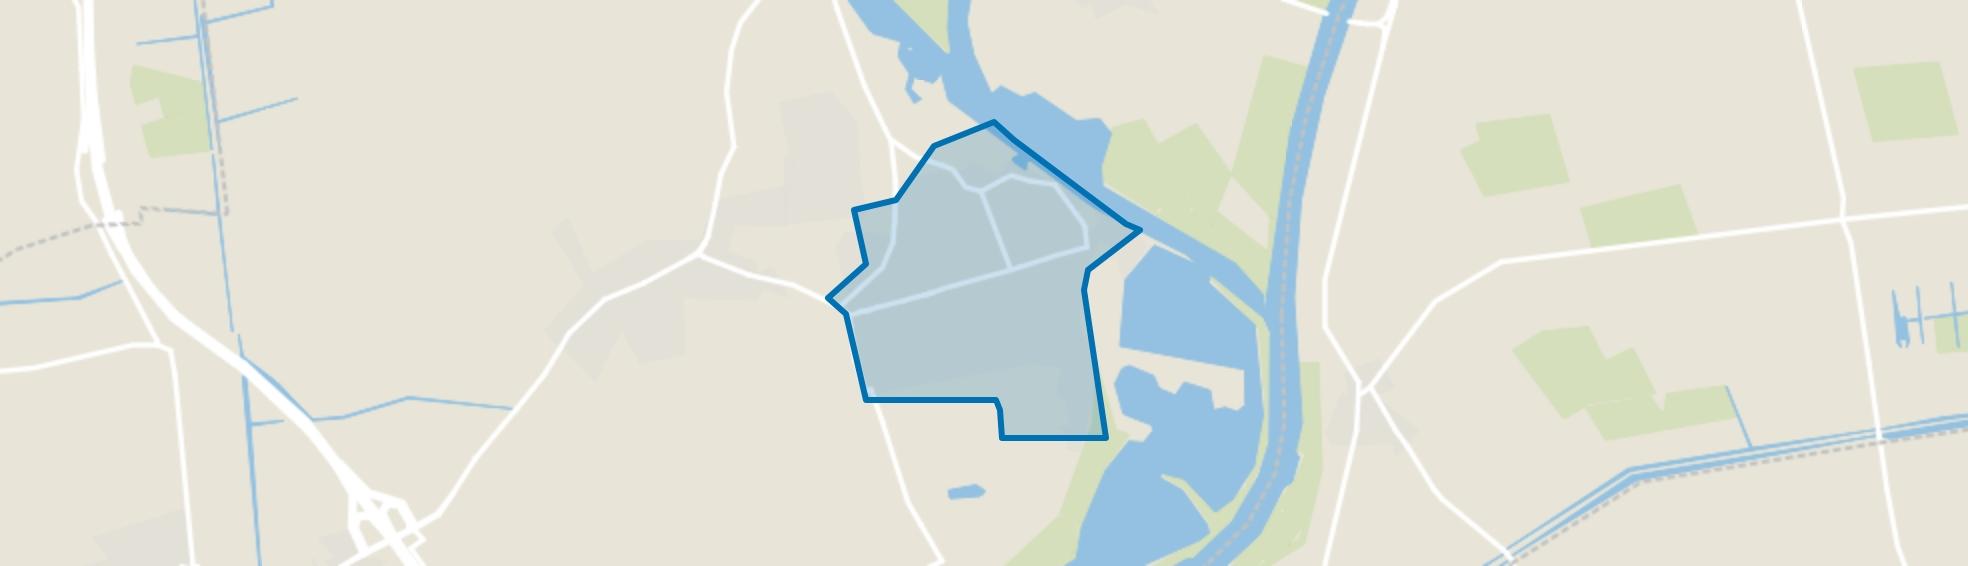 Kerkdriel, Kerkdriel map